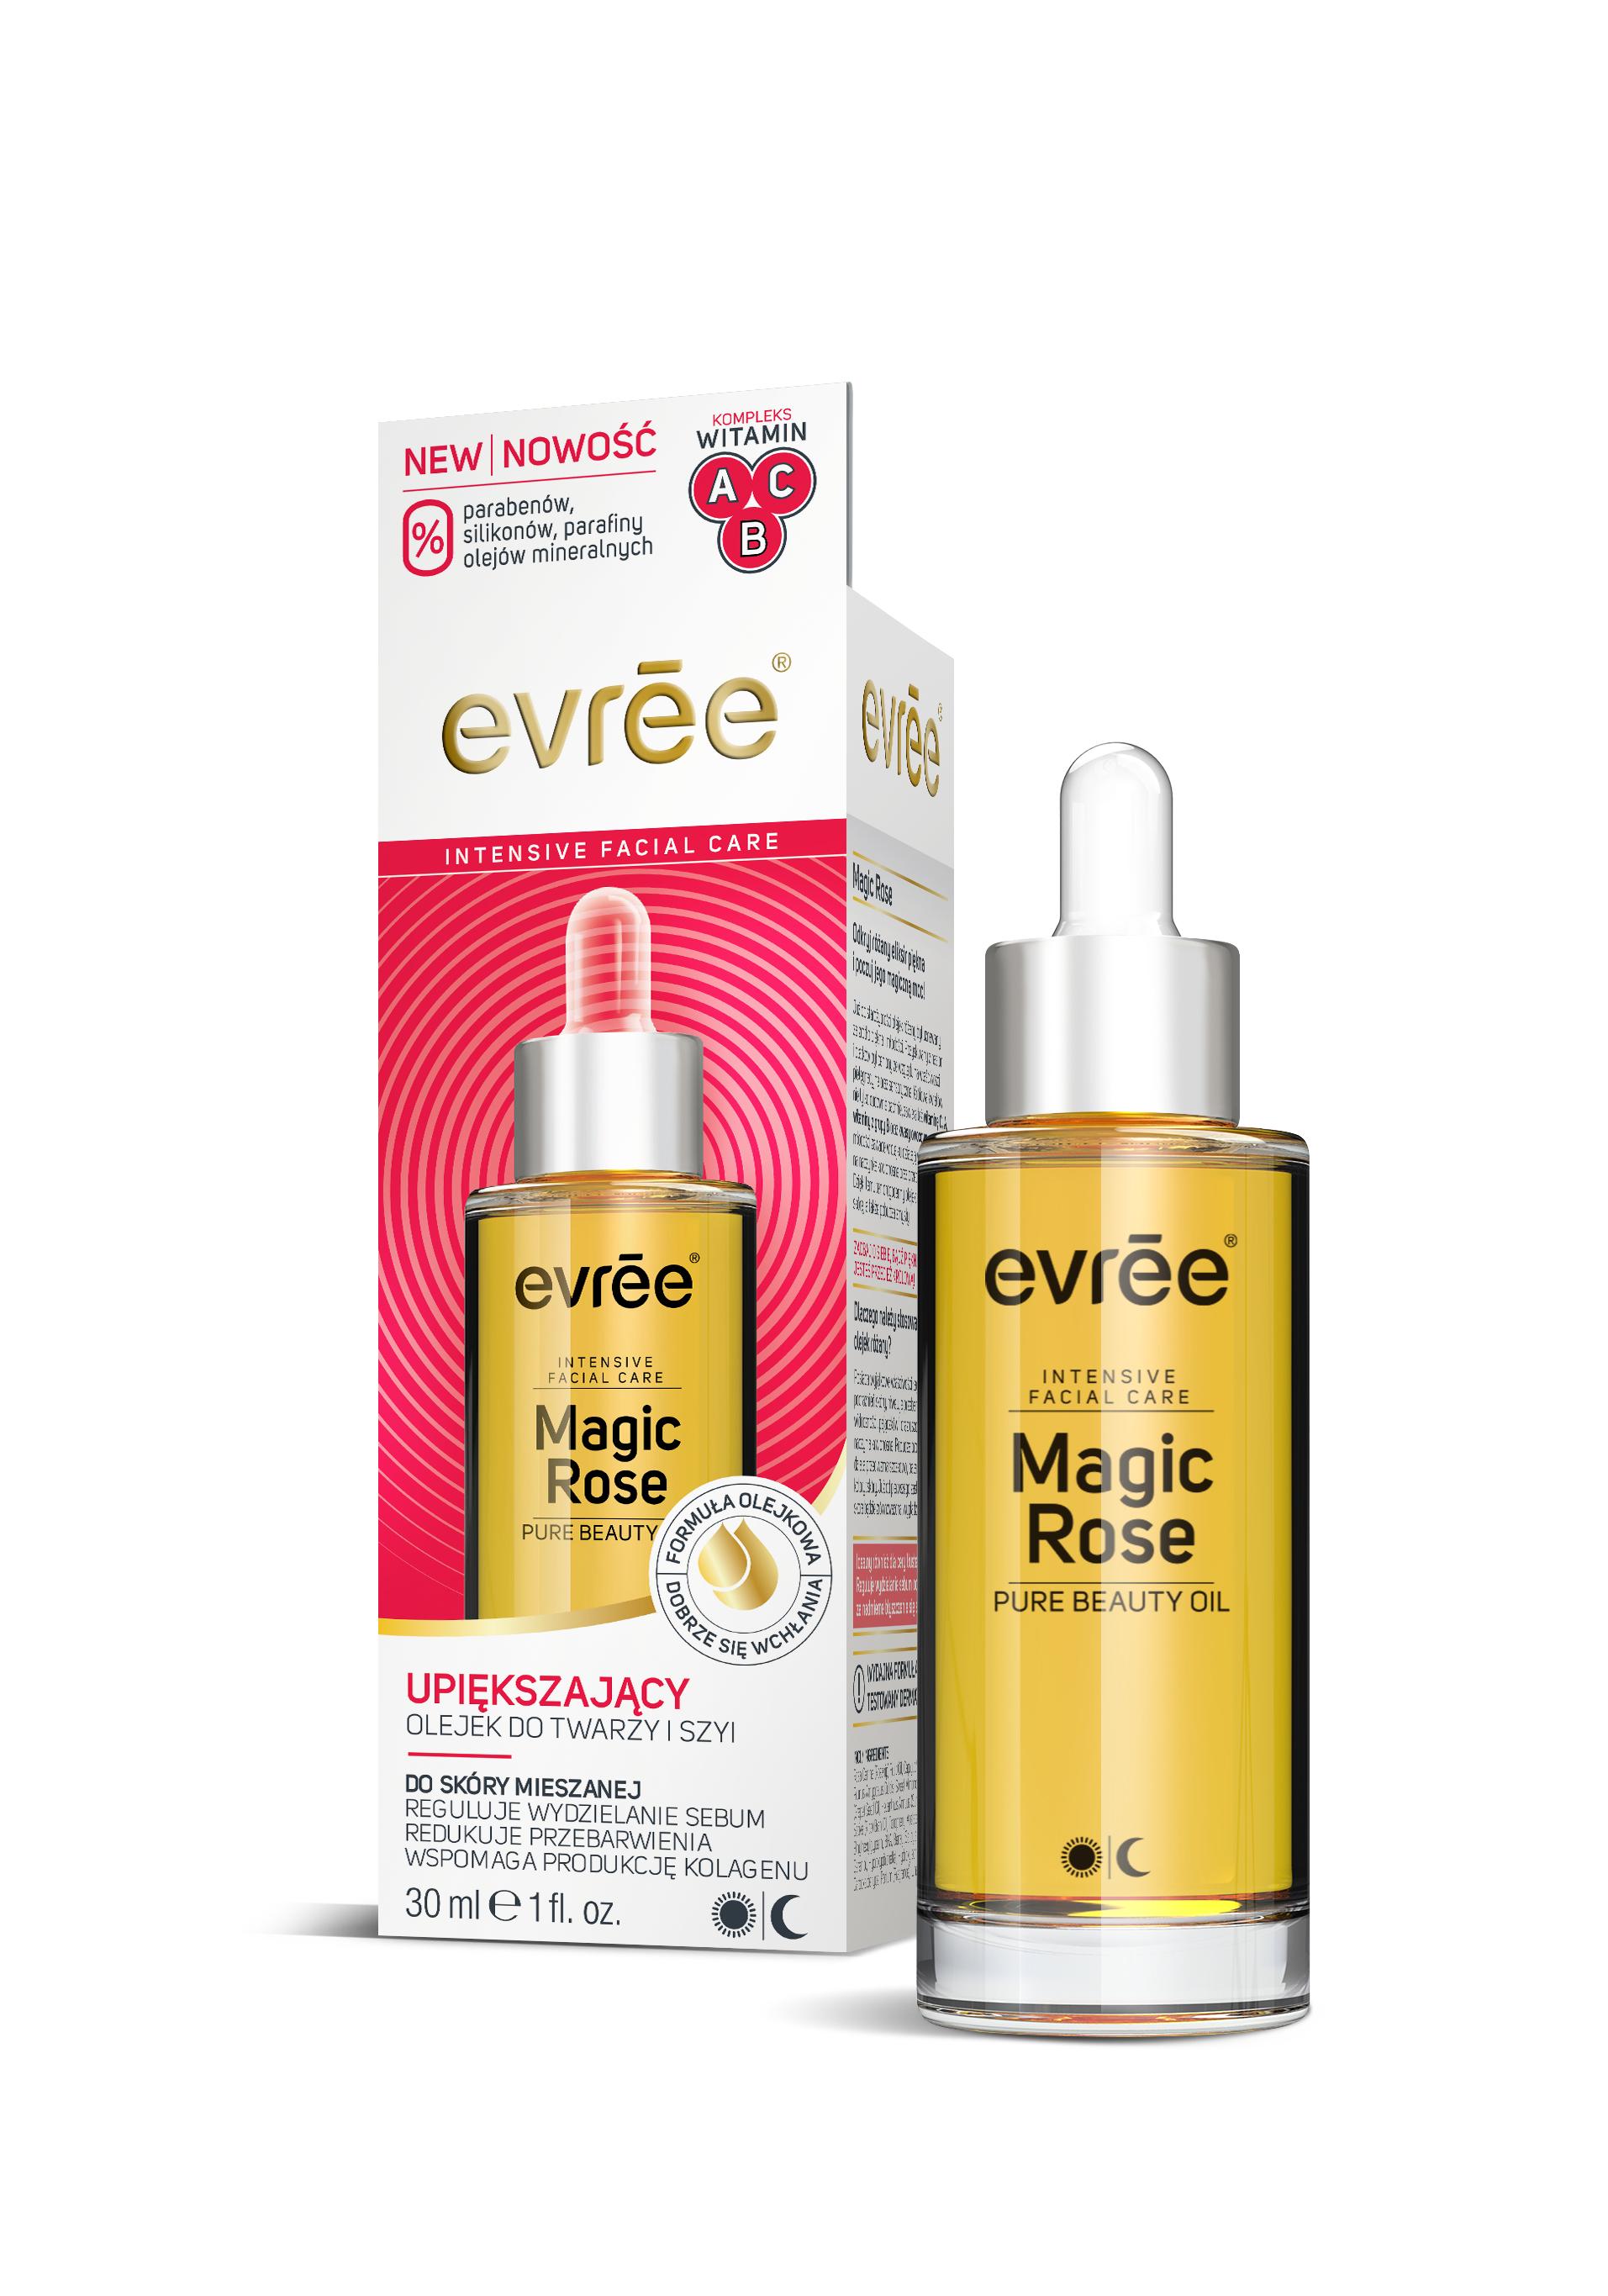 EVREE_olejek_Magic Rose_evree_Carton+Bottle